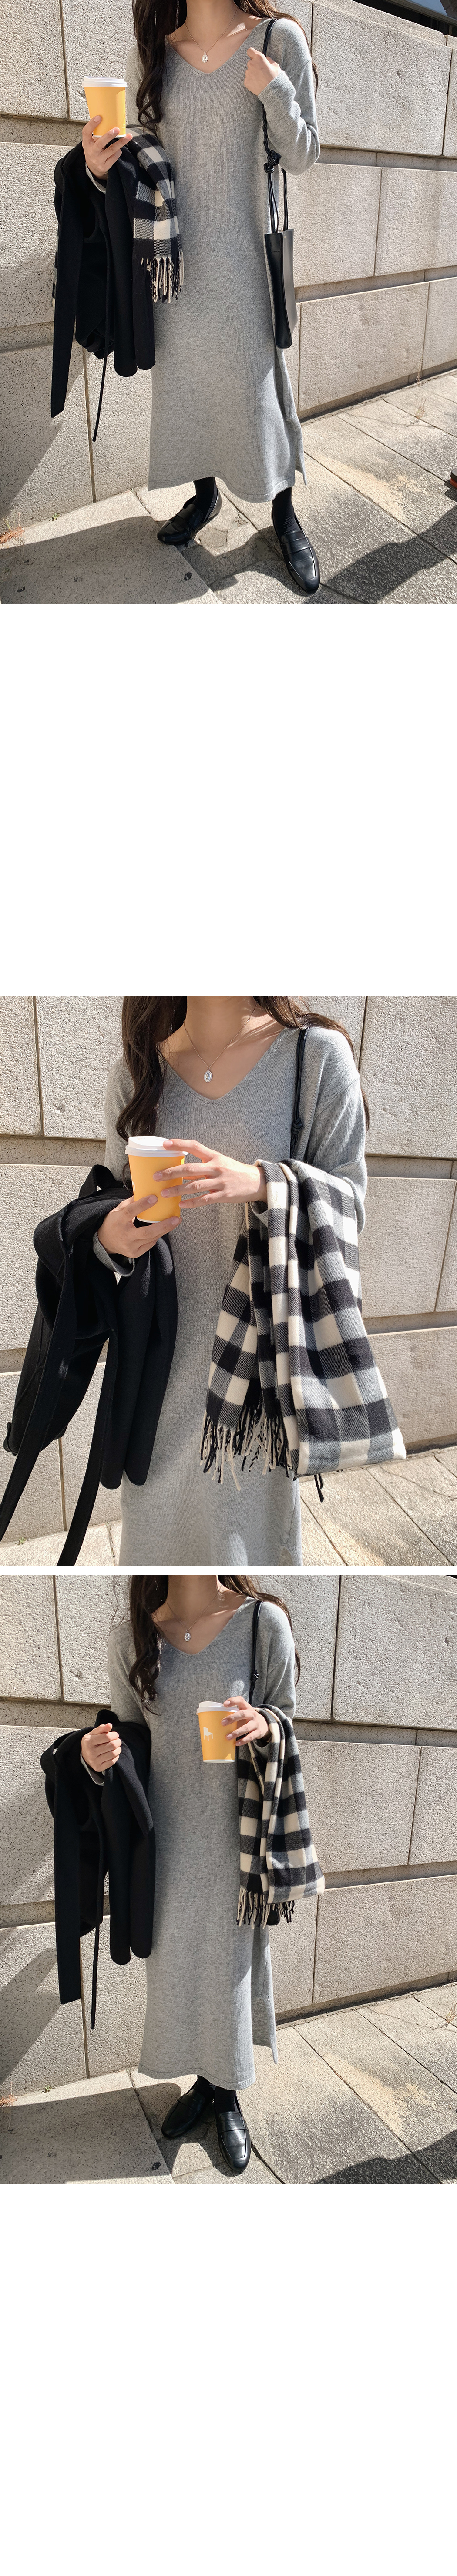 Gingham check scarf shawl